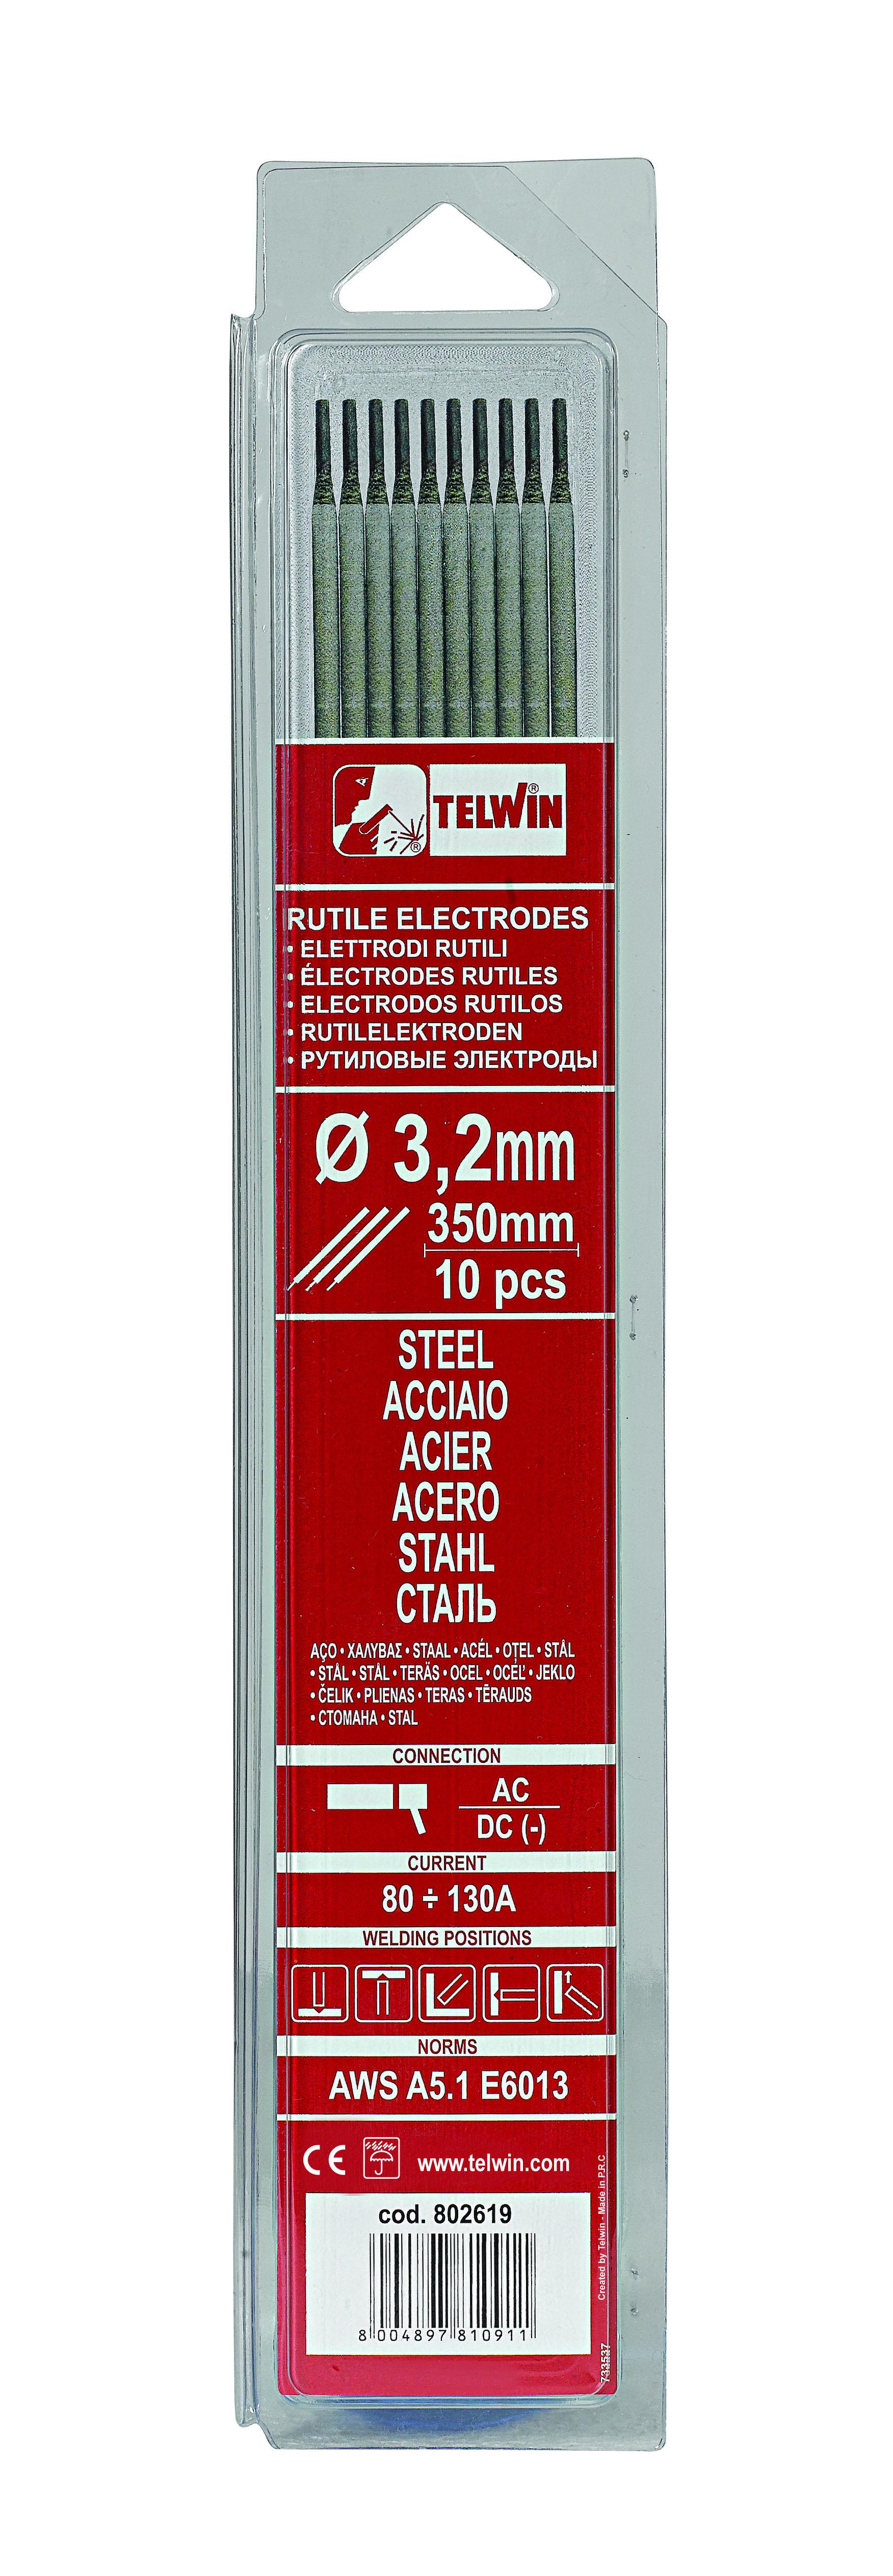 Telwin Rutile elektroder Ø 3,2 x 300 mm, 10 stk